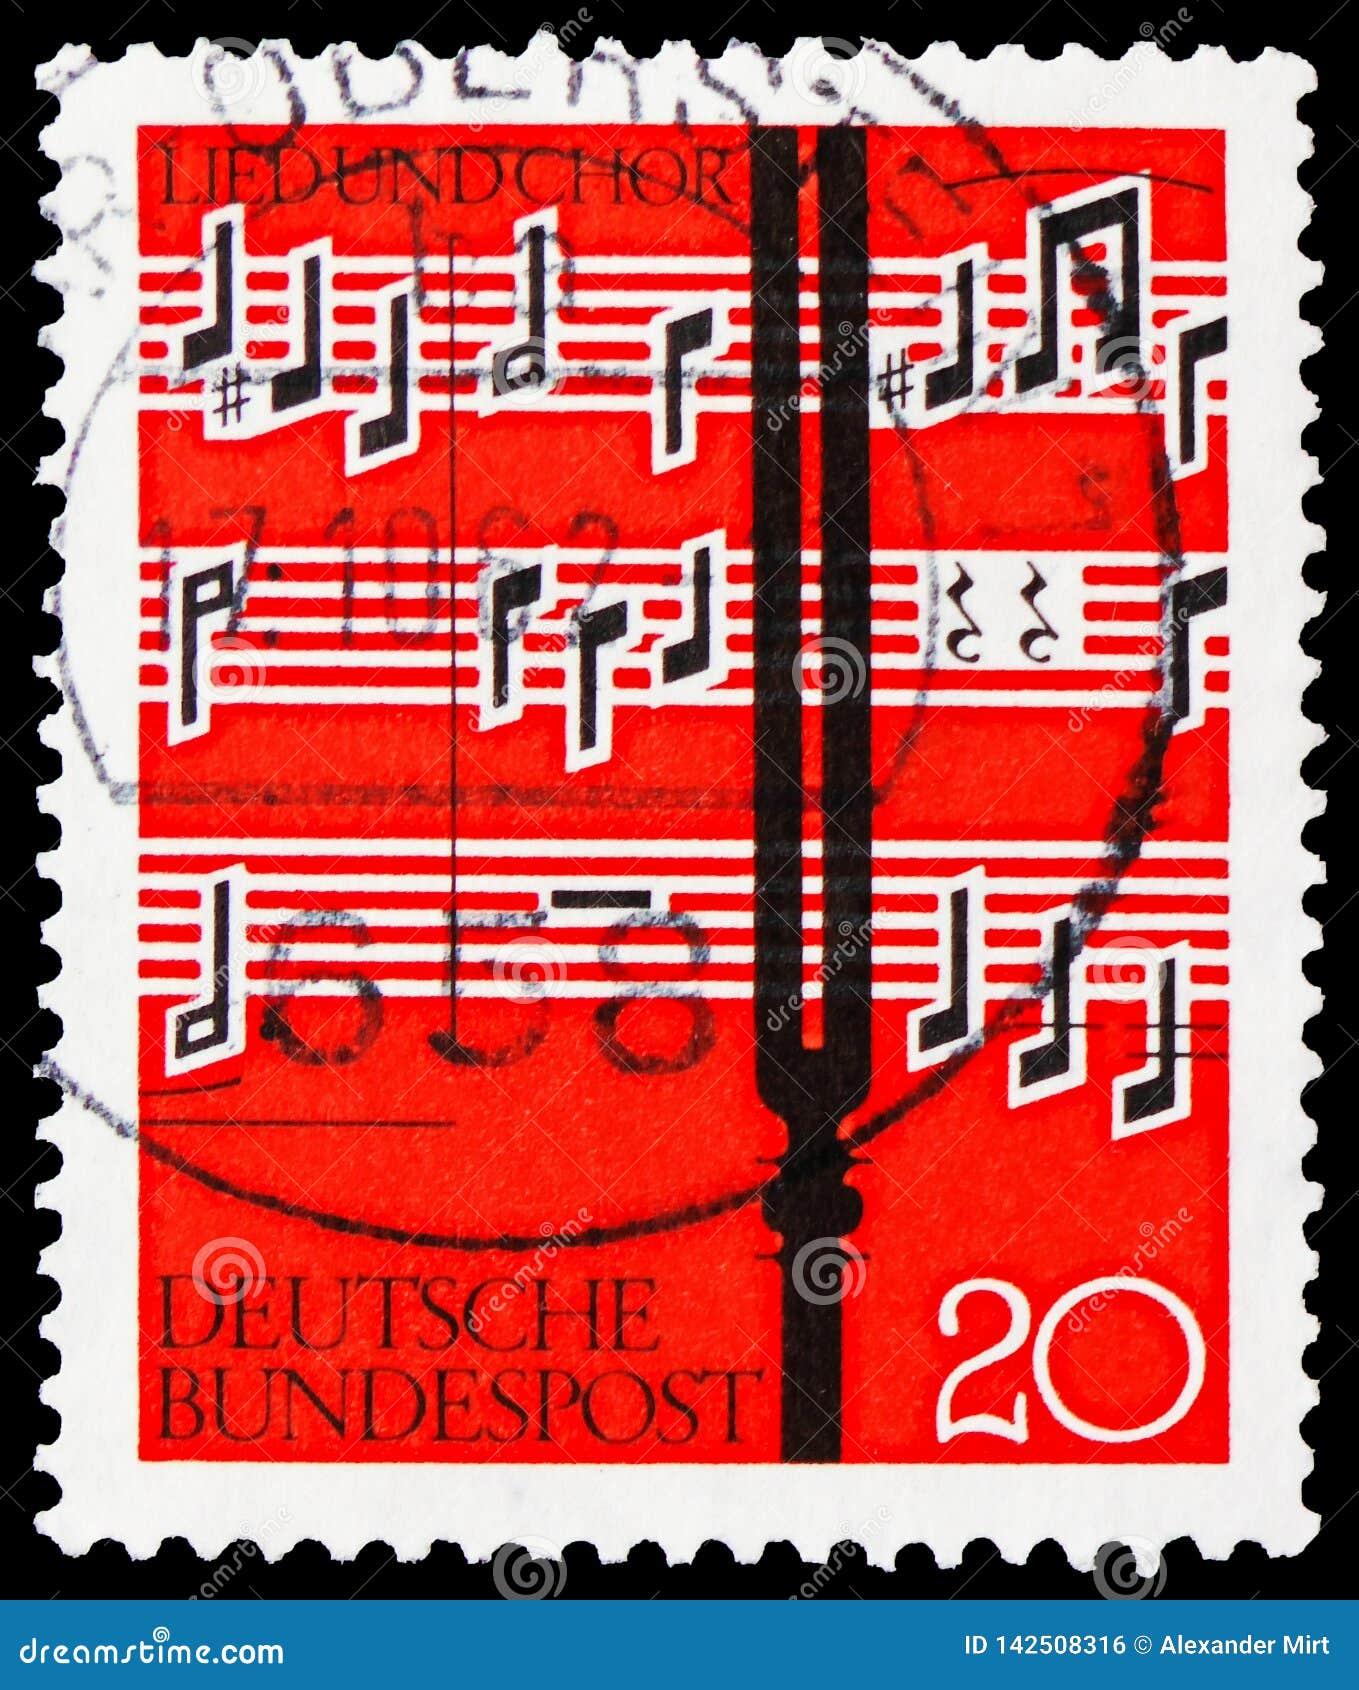 Diapason devant la notation musicale, le serie de chanson et de choeur, vers 1962